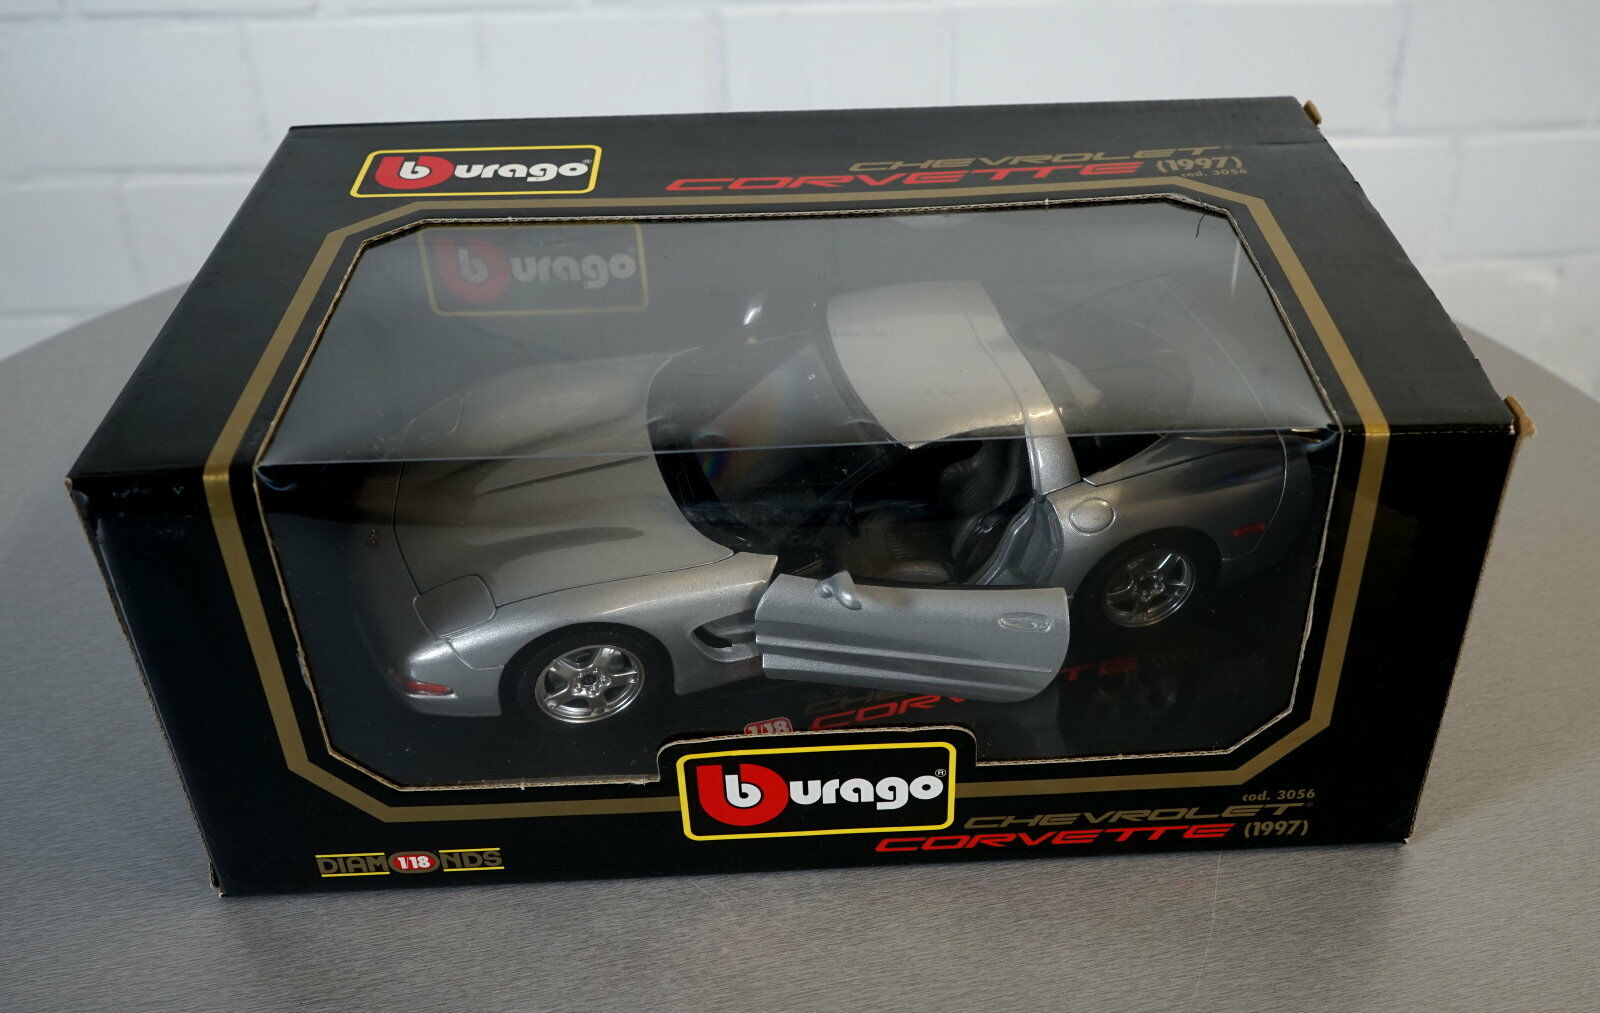 Burago 1 18 Chevrolet  Corvette (1997) argent -3056 - les-Cast Modèle Voiture Neuf dans sa boîte  Achetez maintenant